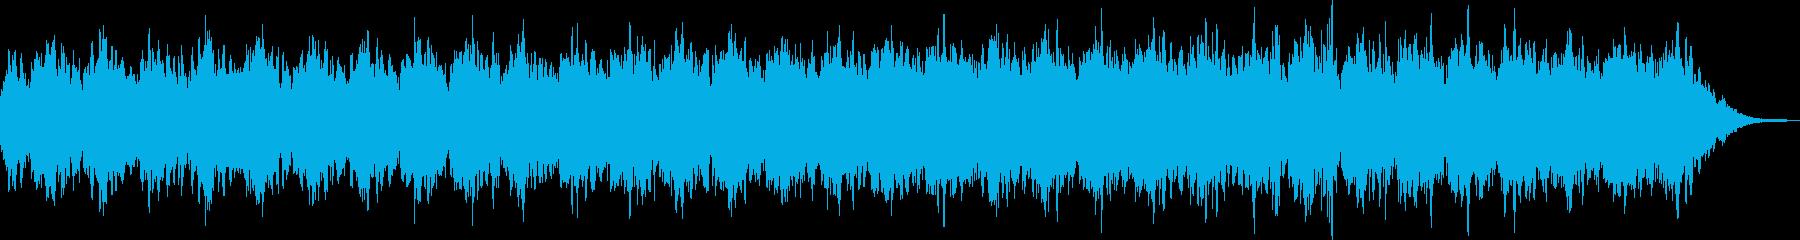 浮遊感、無重力を感じるヒーリングBGMの再生済みの波形